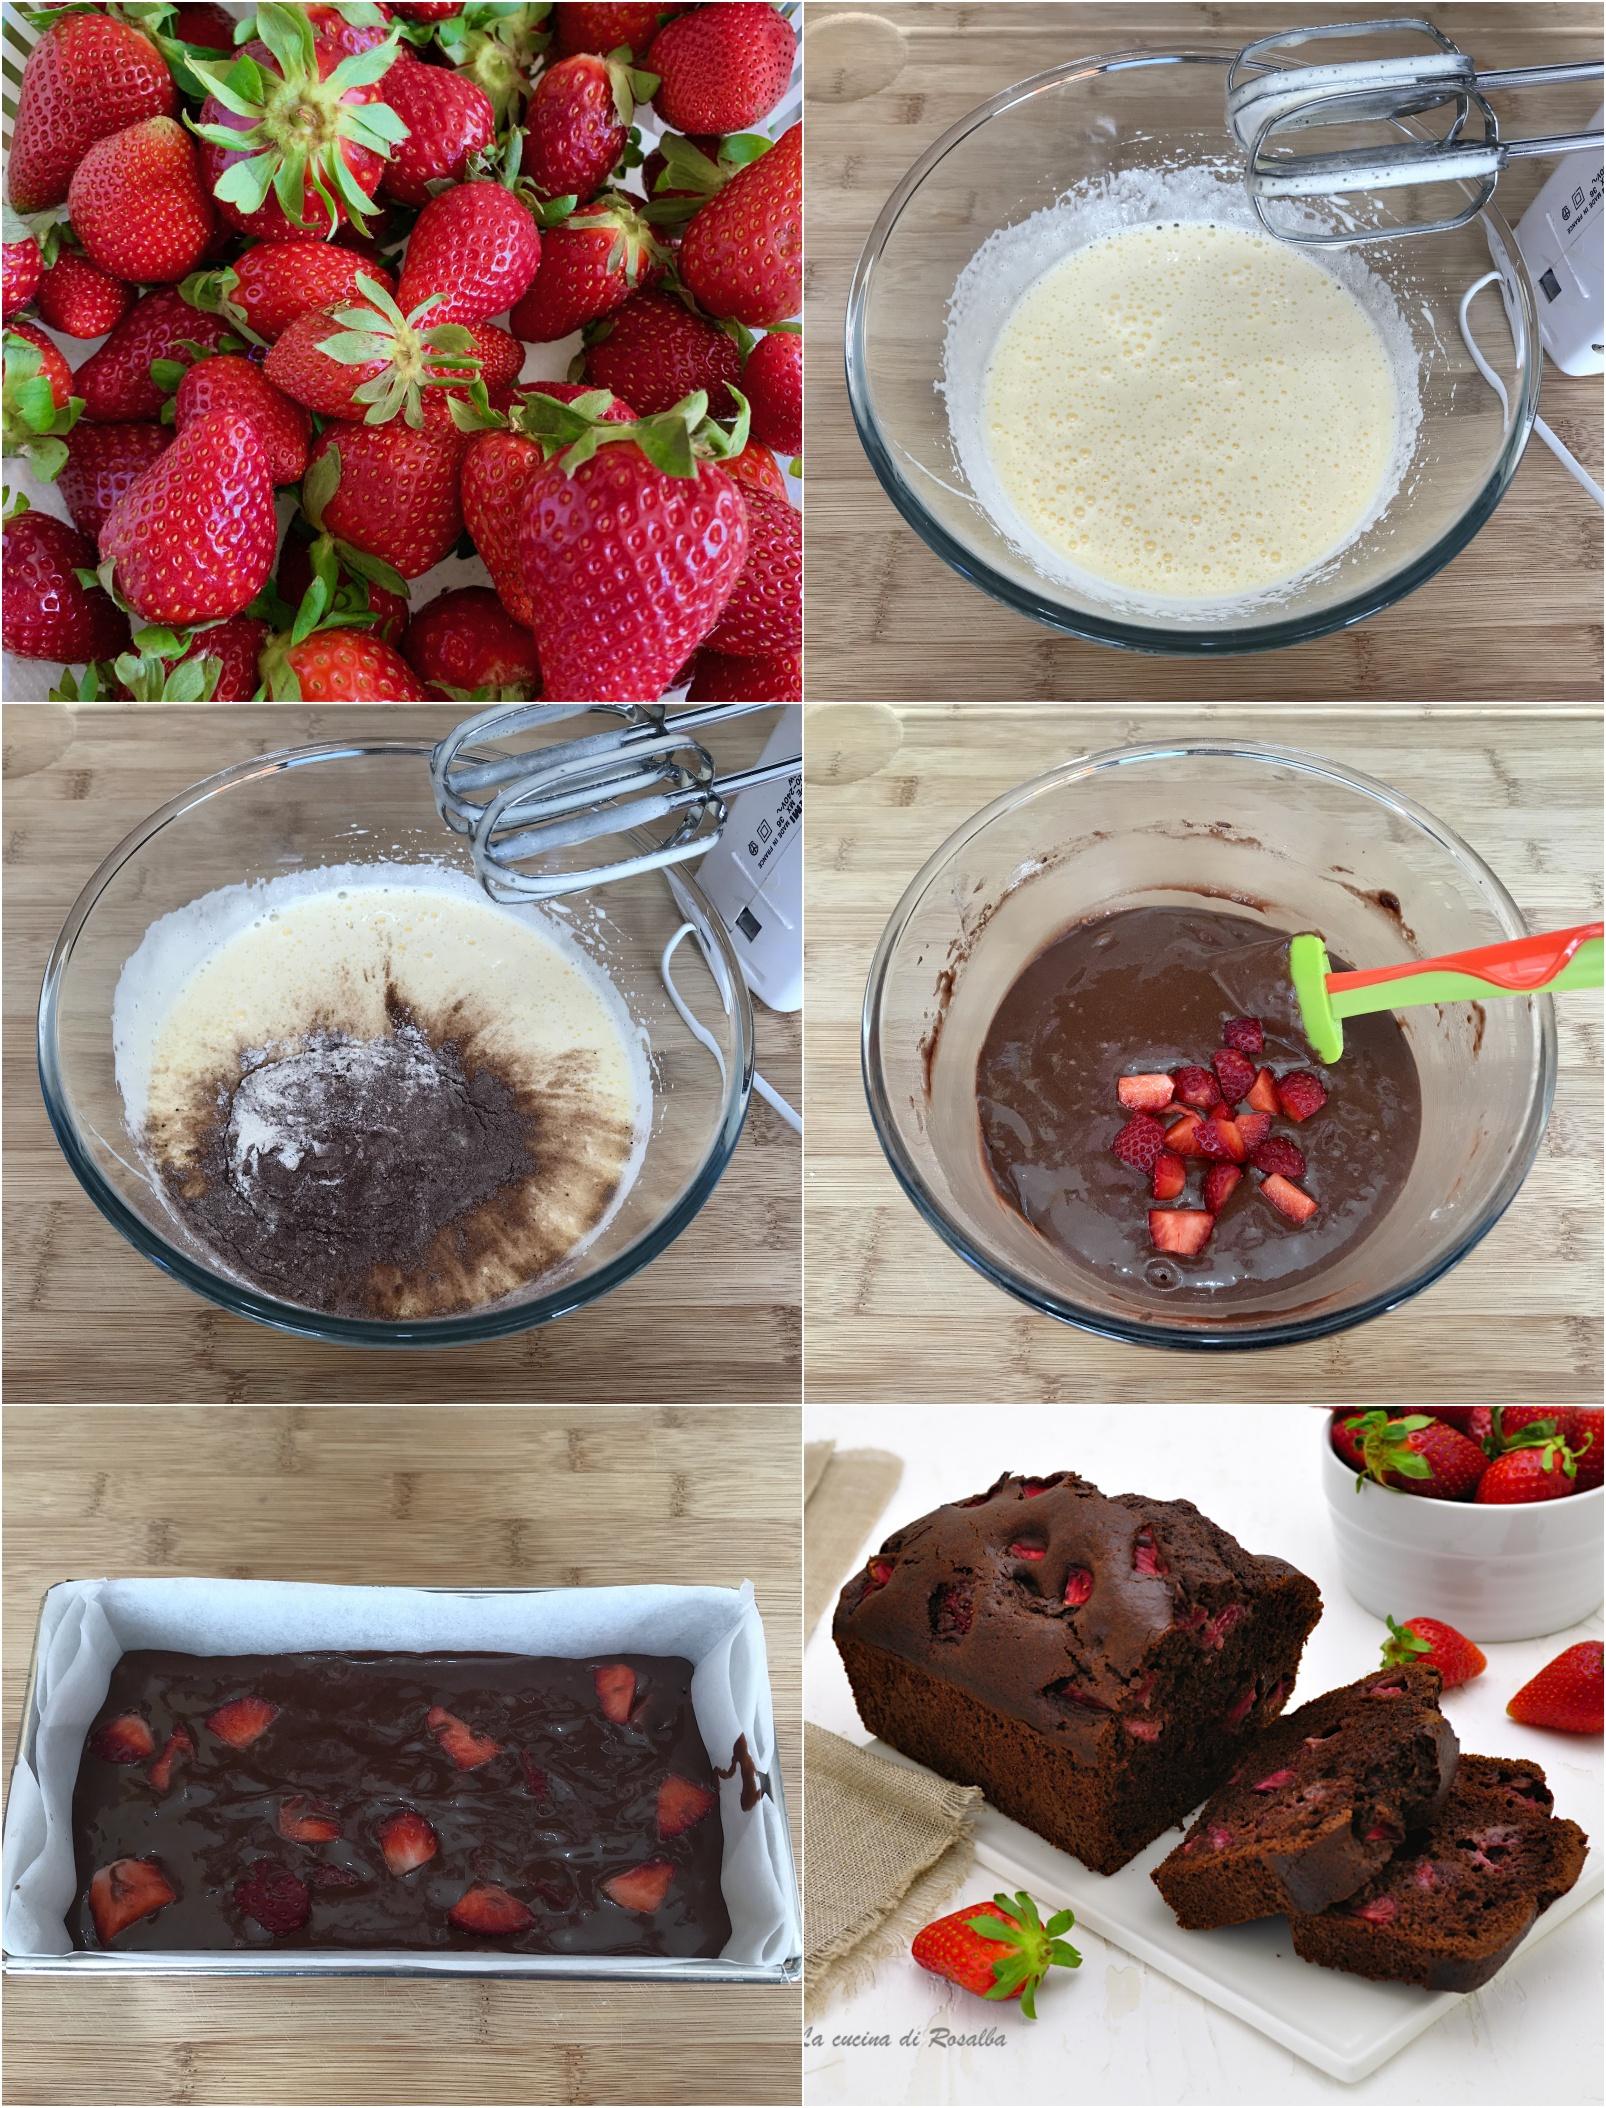 come preparare il plumcake al cioccolato e fragole